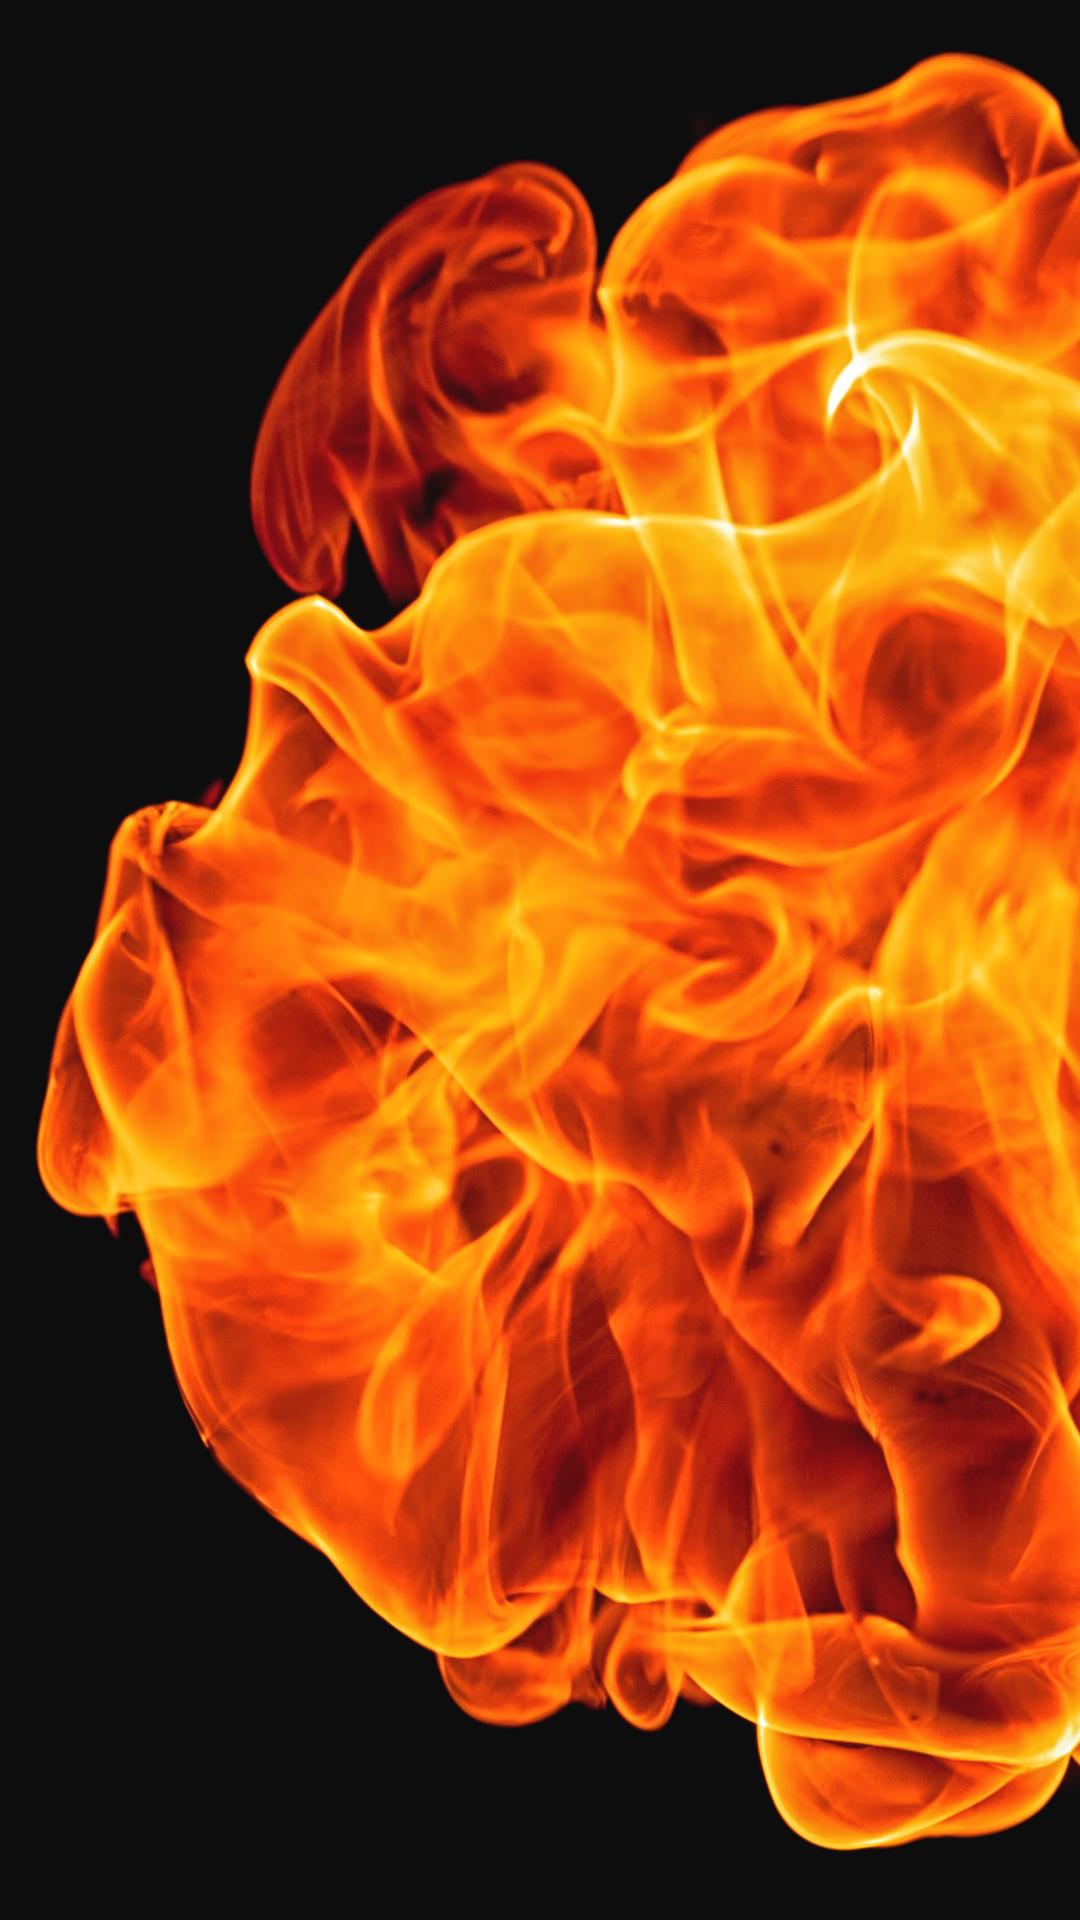 fire-4474